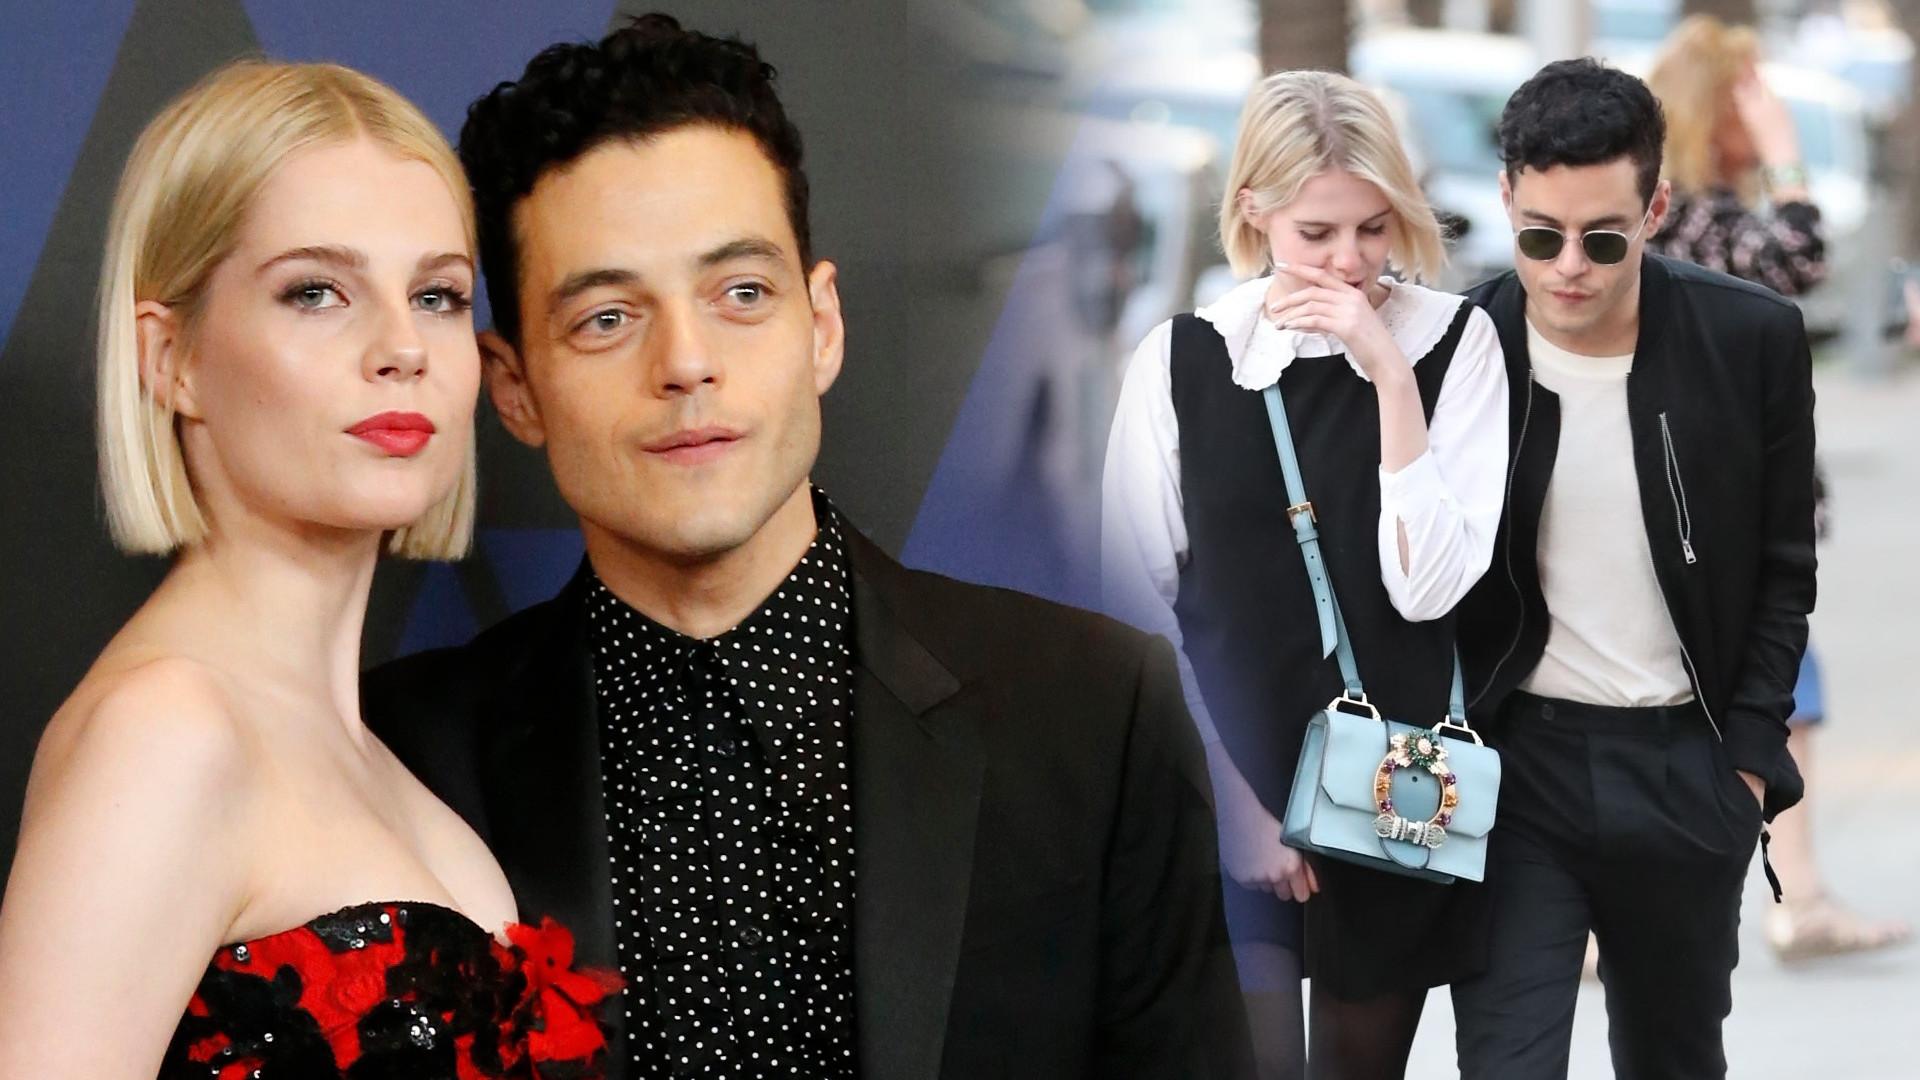 Rami Malek potwierdza związek z Lucy Boynton – poznali się na planie filmu